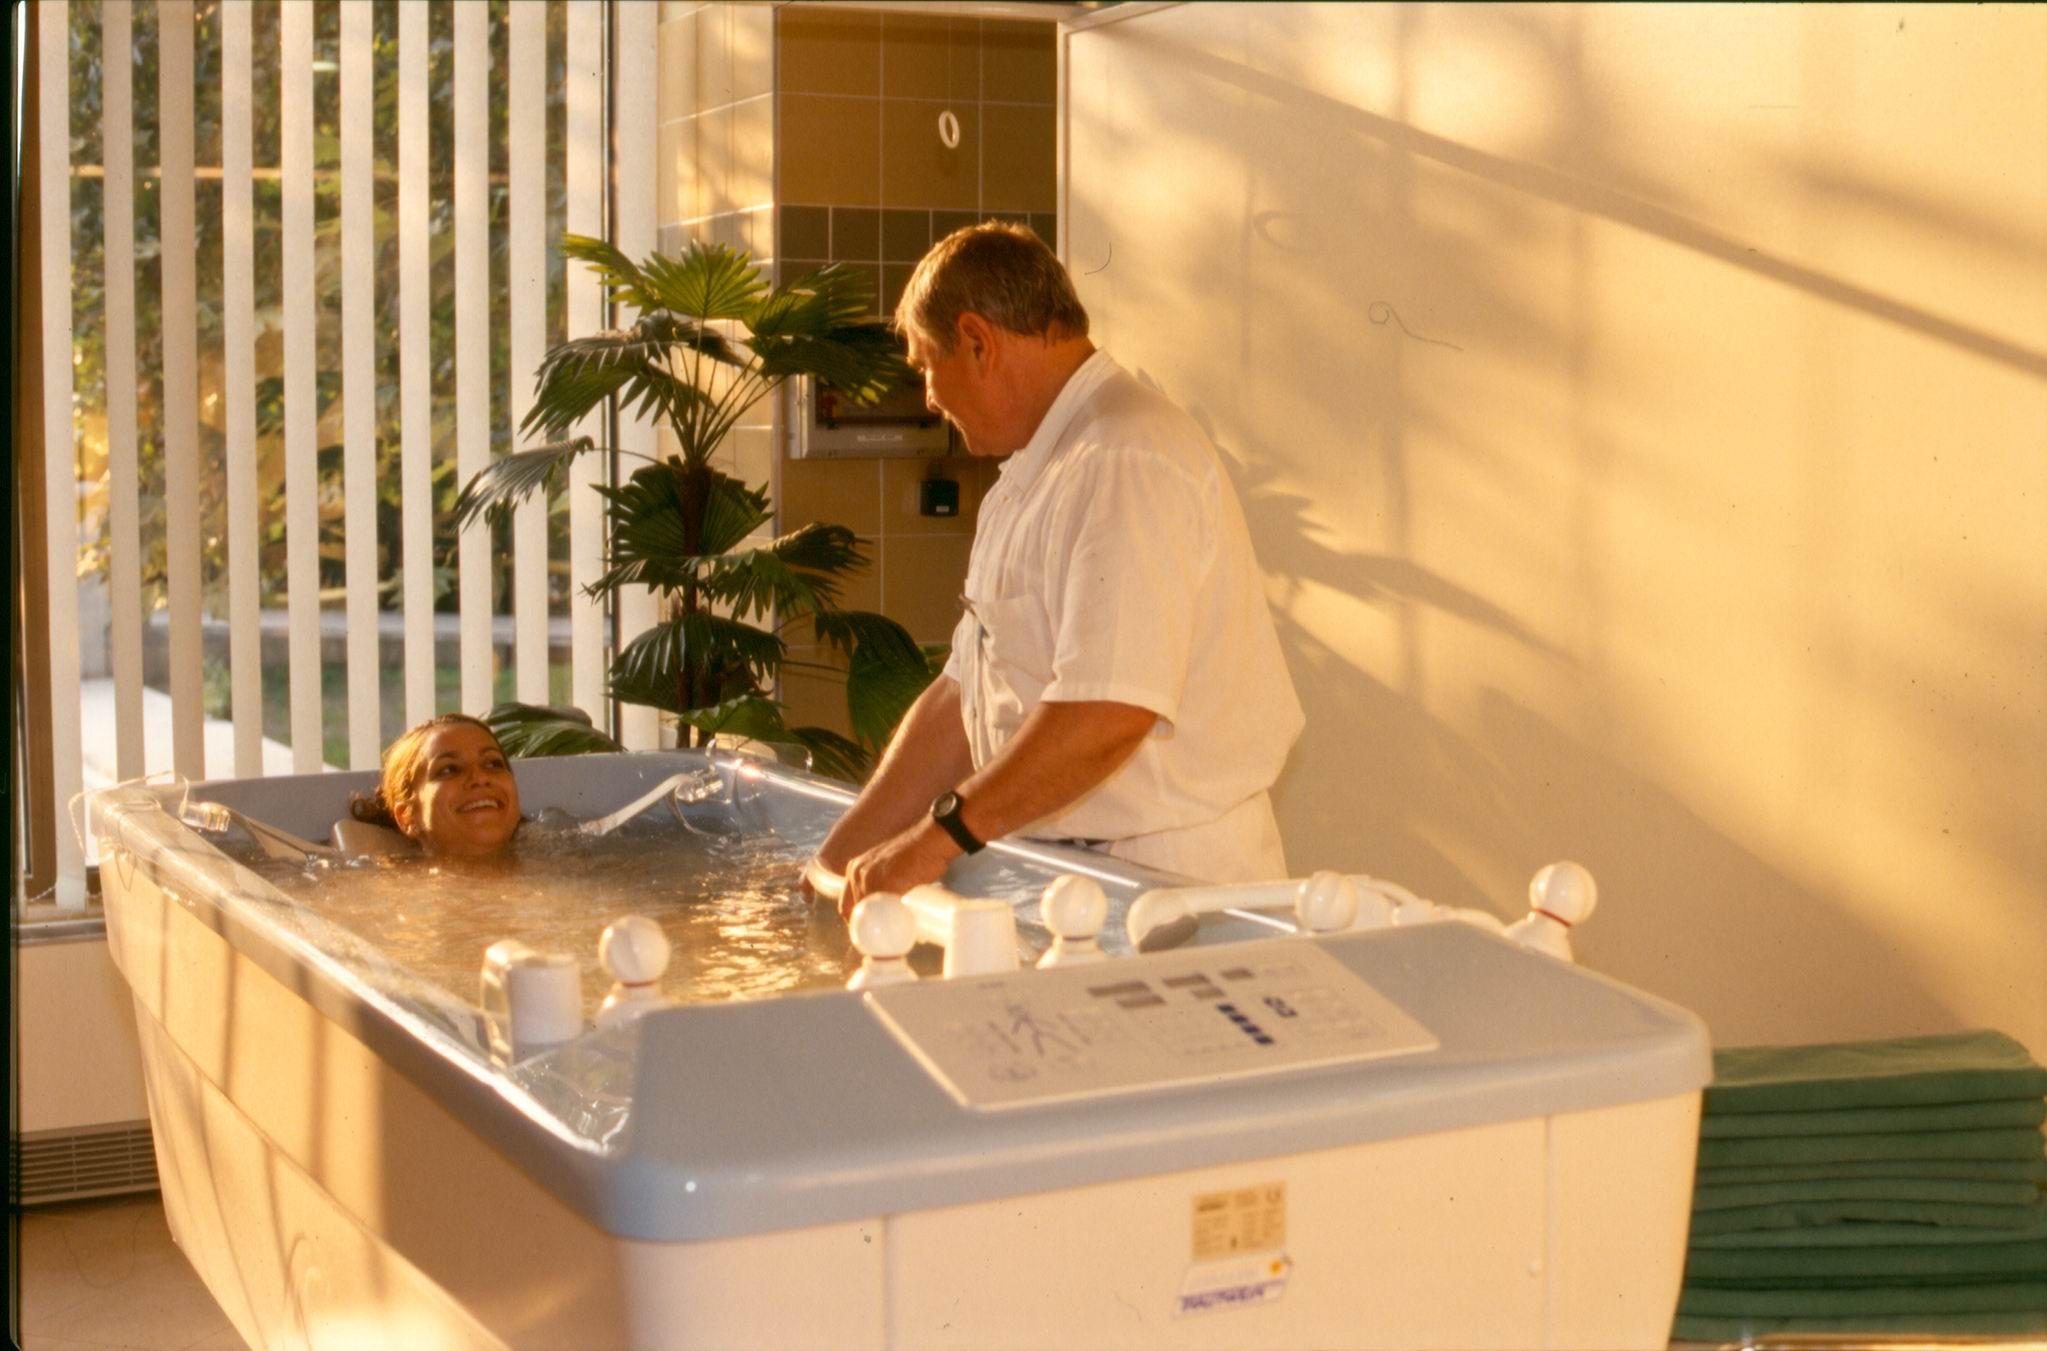 magas vérnyomás és forró fürdő magas vérnyomás esetén magneziát alkalmaznak